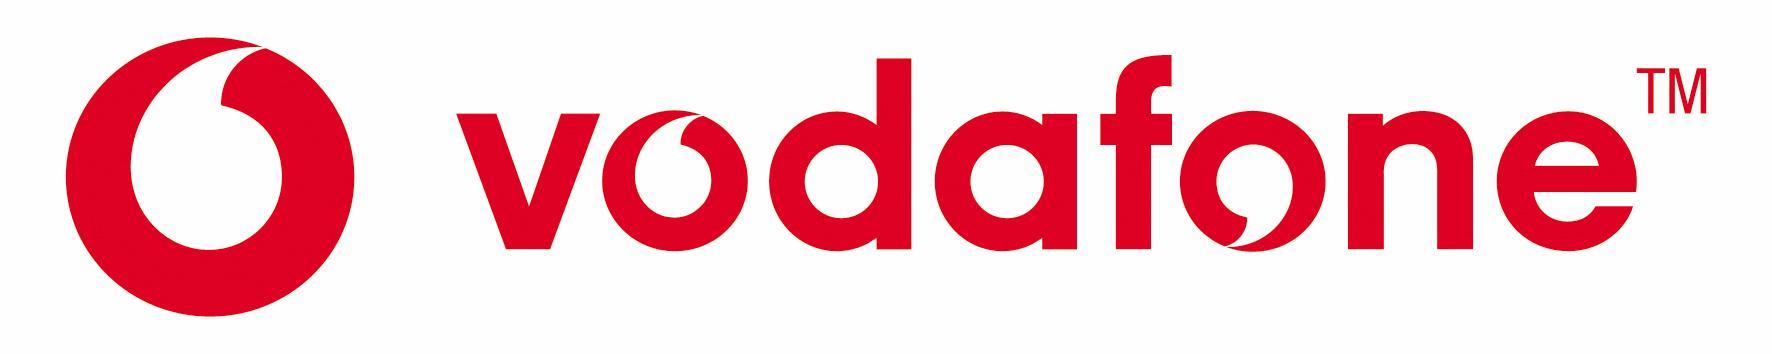 Roadshow Vodafone Giugno 2011: Ecco in anteprima <br />tutte le tariffe e le promozioni estive dell'Operatore